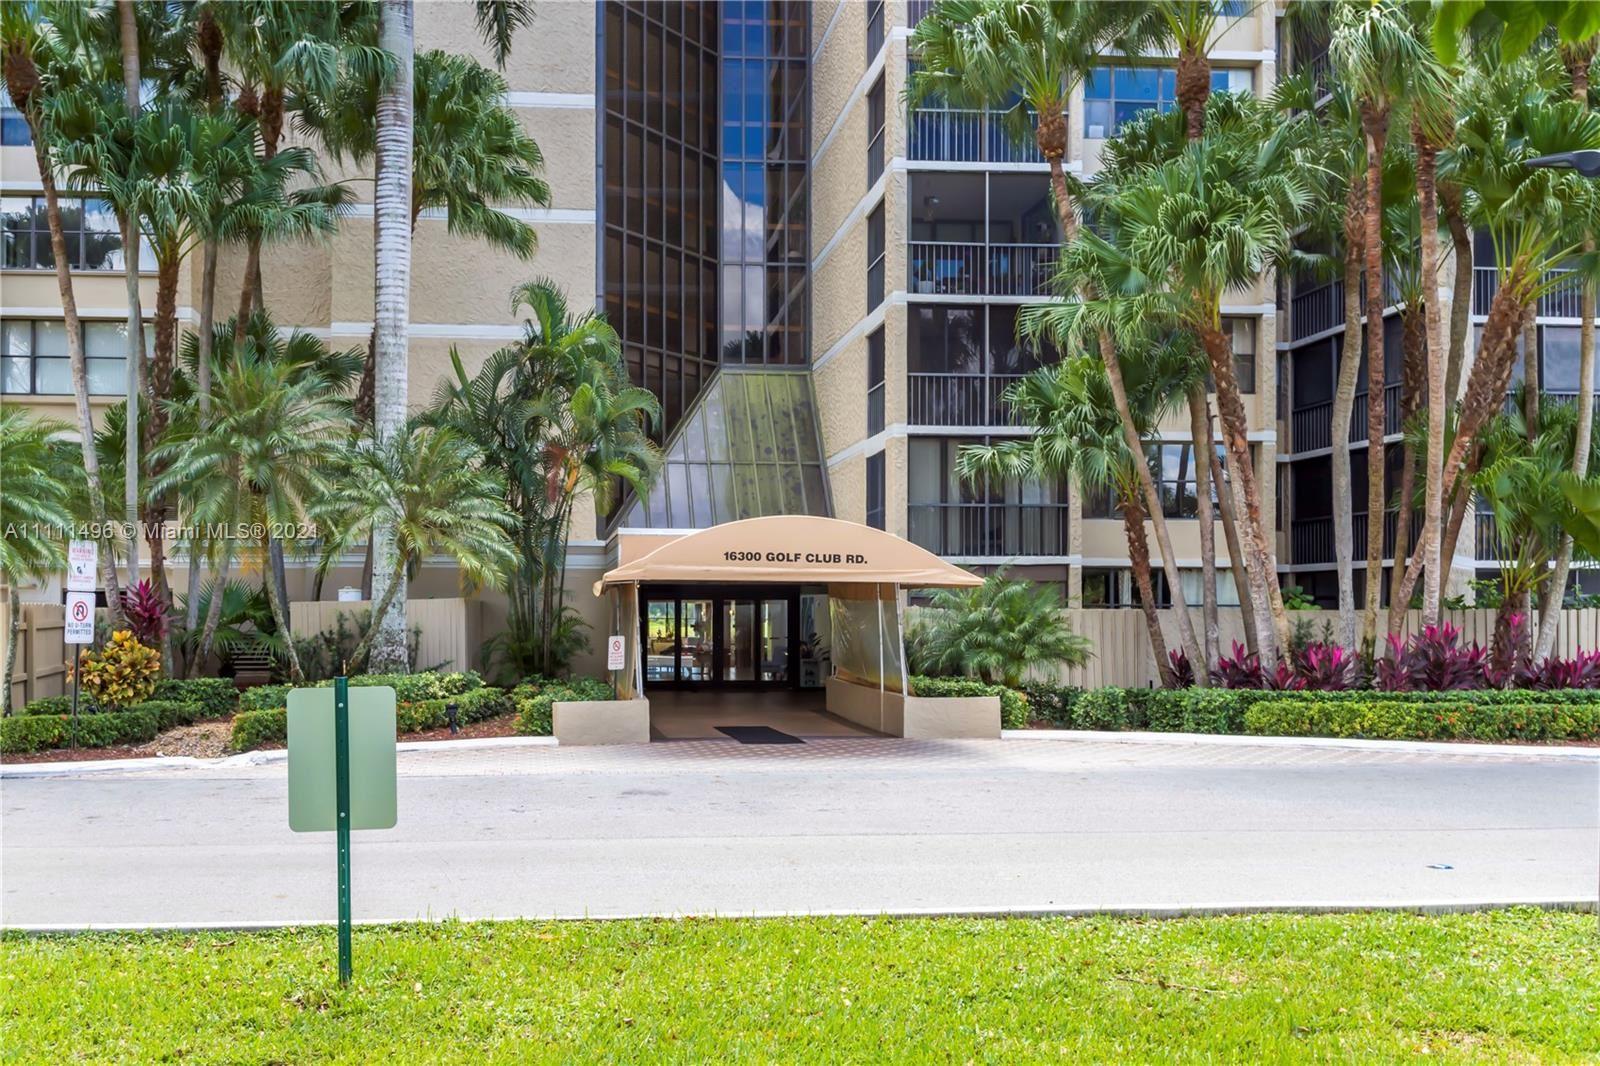 16300 Golf Club Rd #314, Weston, FL 33326 - #: A11111496